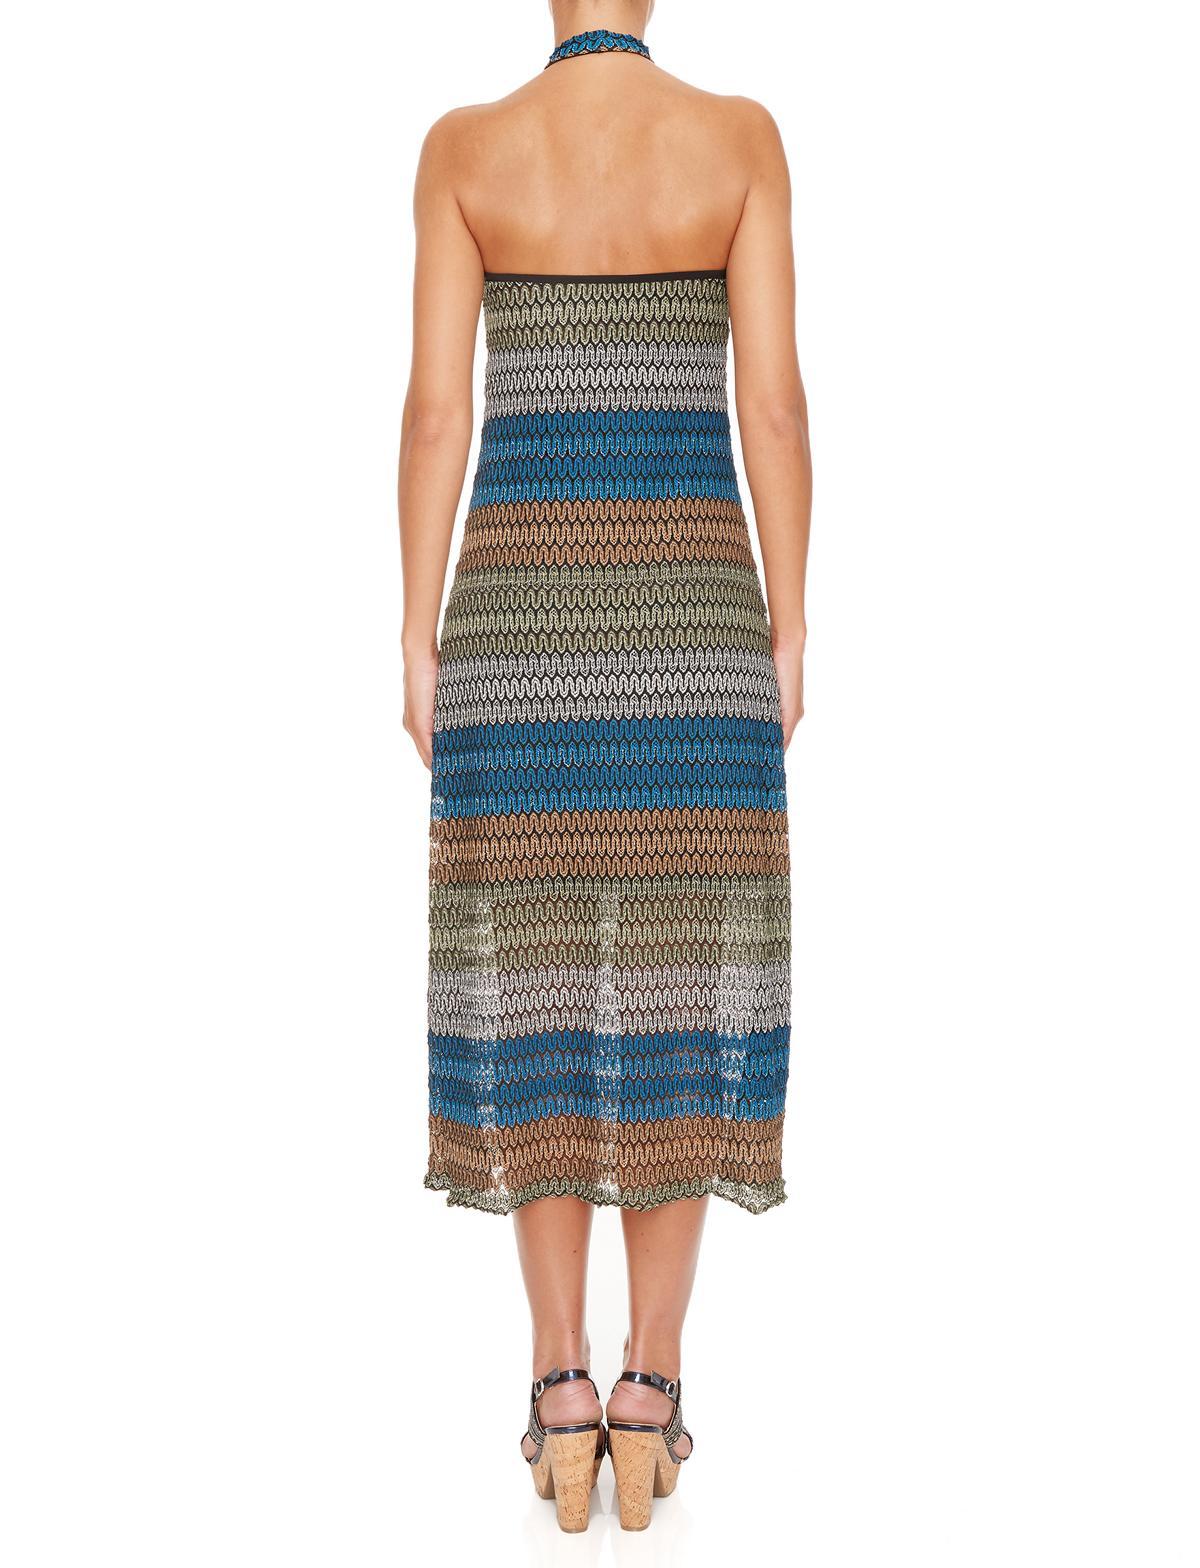 Rückansicht von Ana Alcazar Midi Kleid Myrthea  angezogen an Model